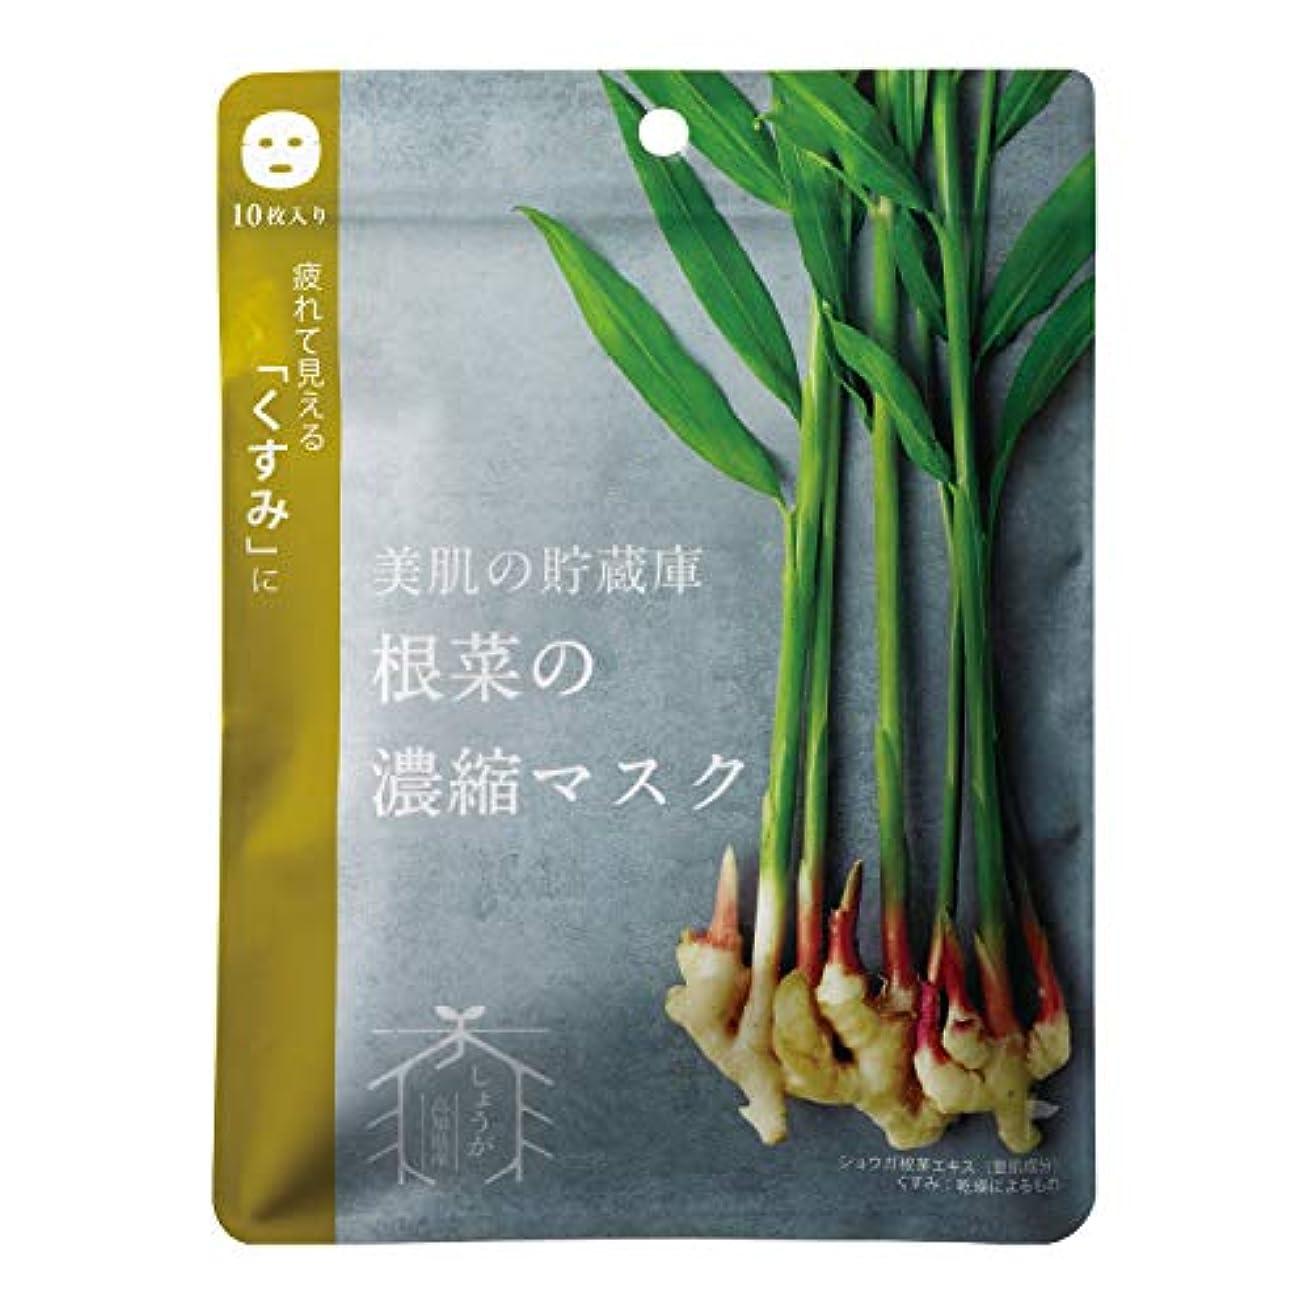 血統演劇哲学者@cosme nippon 美肌の貯蔵庫 根菜の濃縮マスク 土佐一しょうが 10枚 160ml